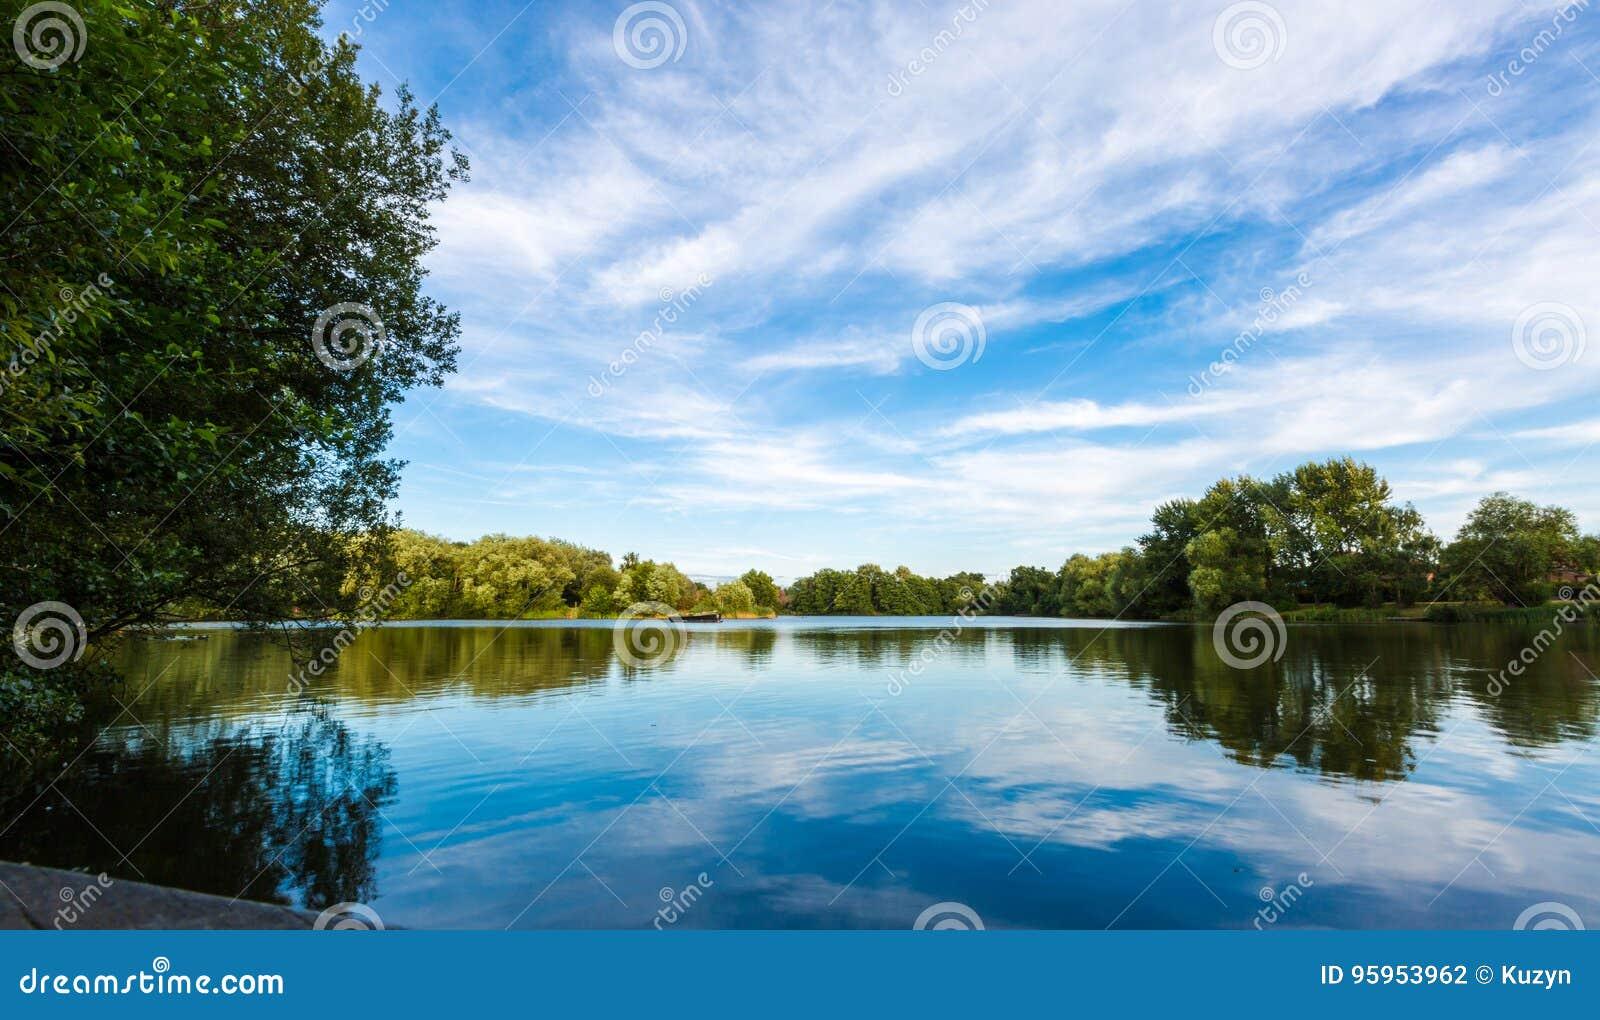 Paisaje del lago summer con los árboles y el arbusto verdes, Woking, Surrey